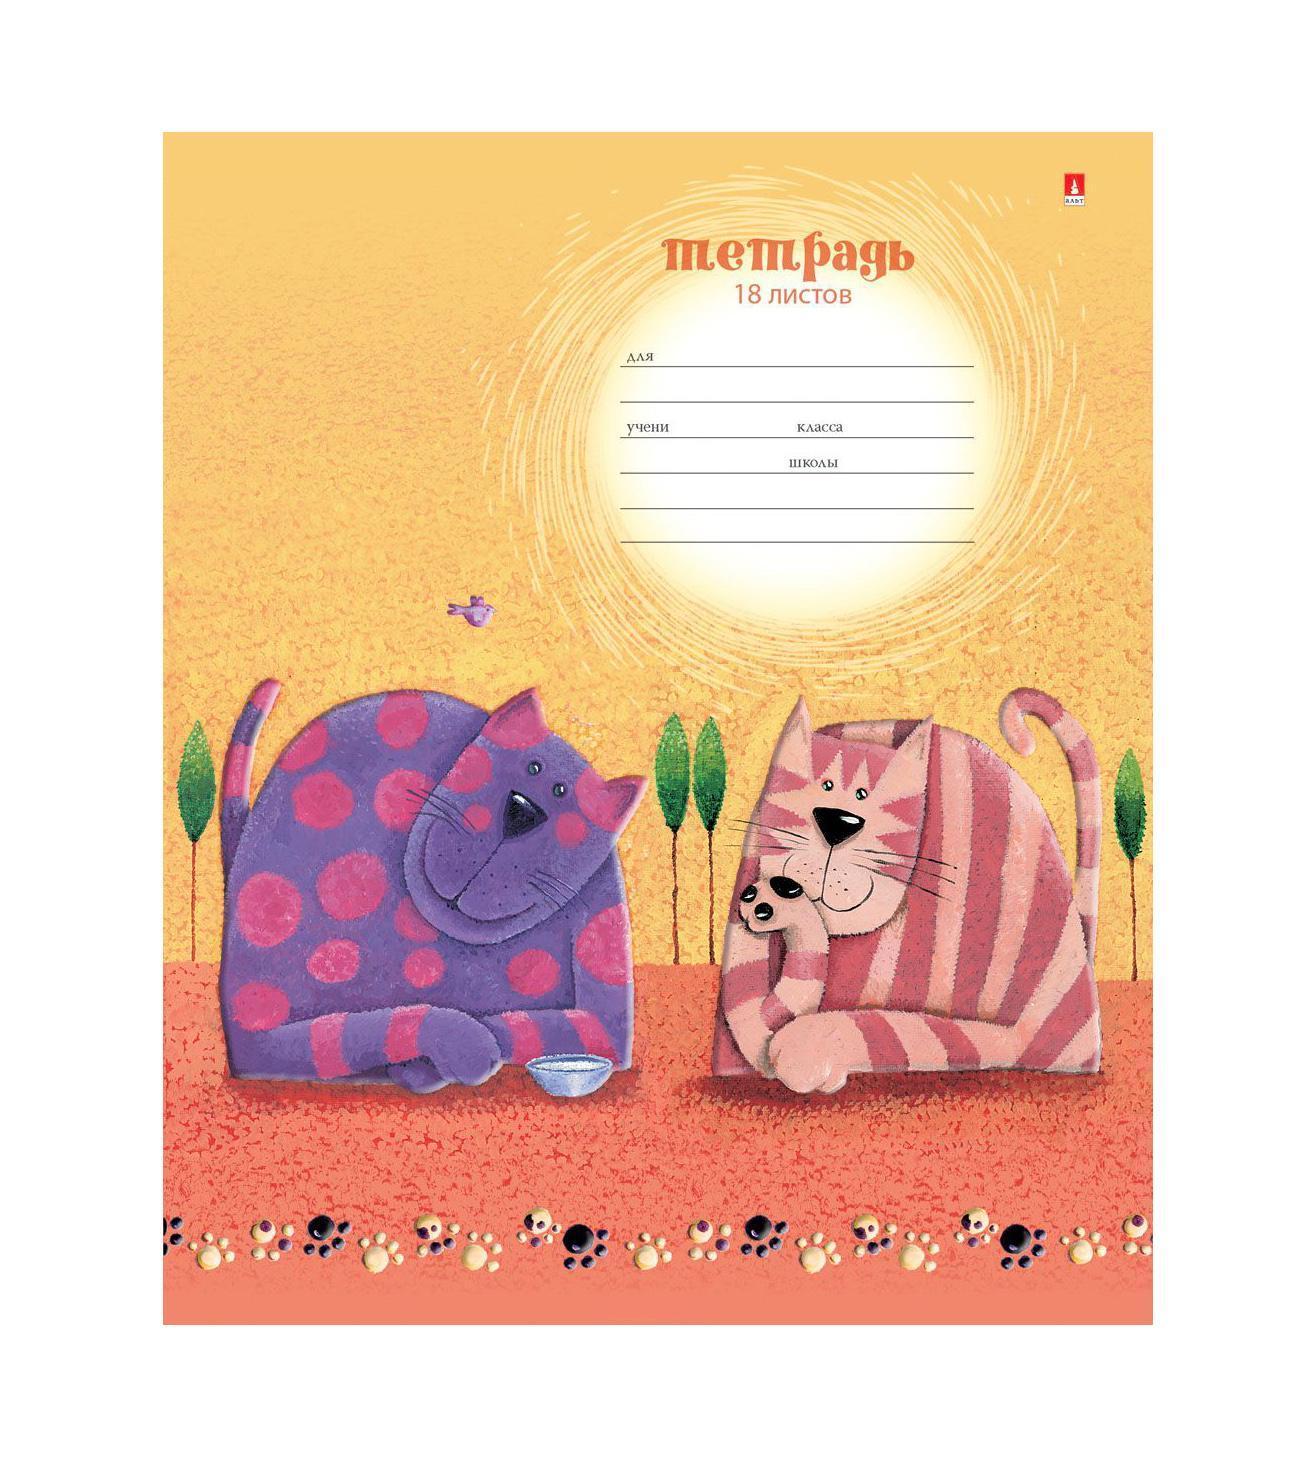 Набор тетрадей Альт Кошки, 18 листов, 10 шт72523WDСерия дизайнерских тетрадей Альт Кошки - это качественная, красочно оформленная бумажная продукция для учащихся начальных классов. Добродушные коты, выполненные в стилистике персонажей рисованных мультфильмов, создадут у младших школьников хорошее настроение, необходимое для успешной учебы. Для создания объемного эффекта рисунок обложки выполнен с помощью рельефного тисненияи подчеркнут прозрачным выборочным лаком.Тетрадь формата А5 состоит из 18 листов.Белая мелованная бумага на основе эвкалиптовой целлюлозы обладает плотностью 65 грамм.